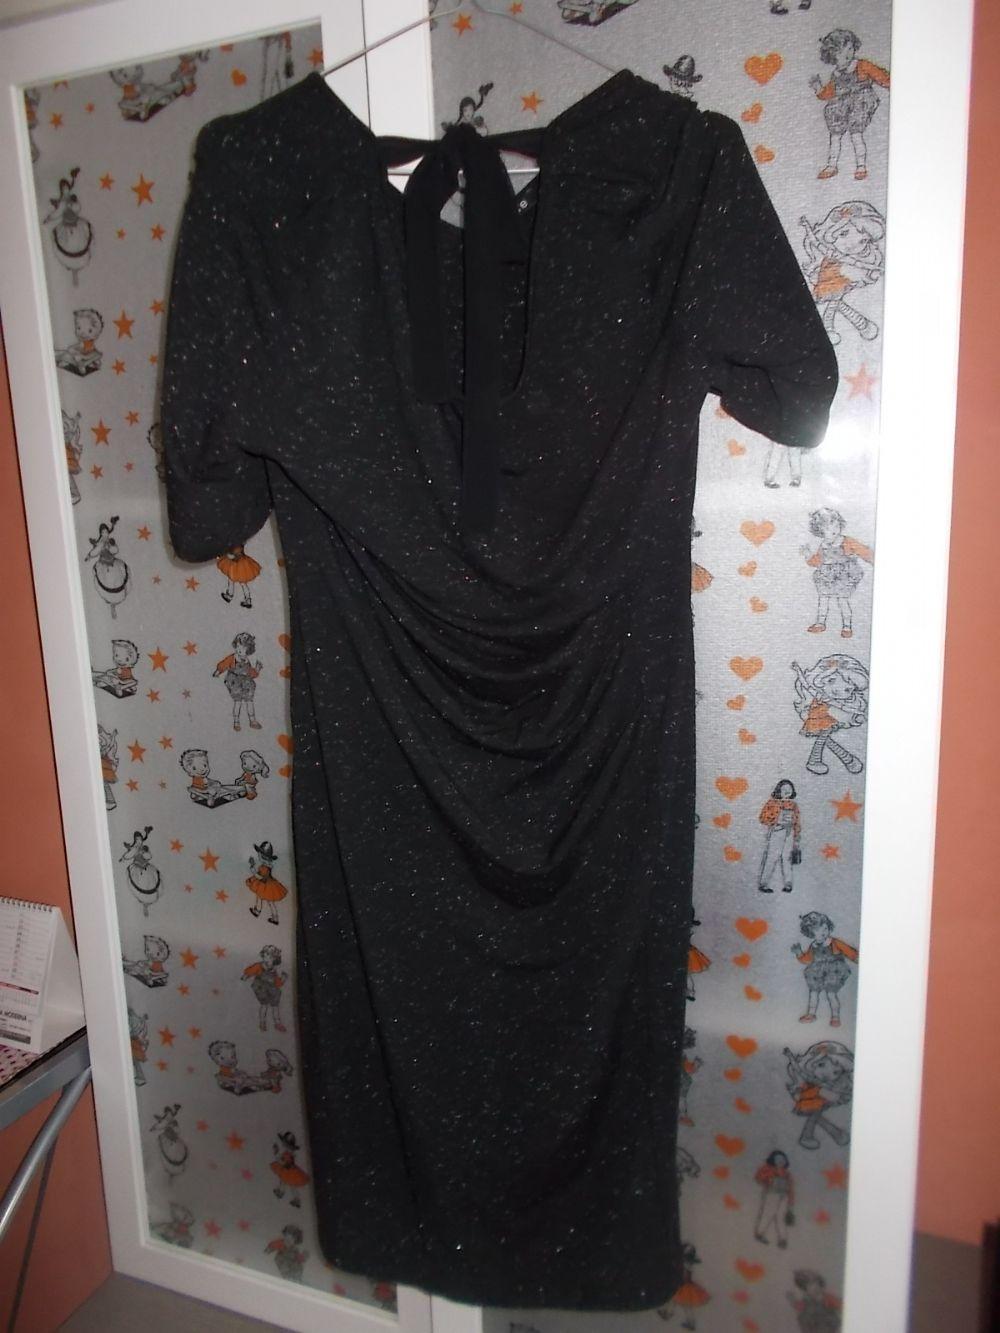 88820d917f5d1 Descrizione Vestito nero marca Oltre a maniche corte con inserti